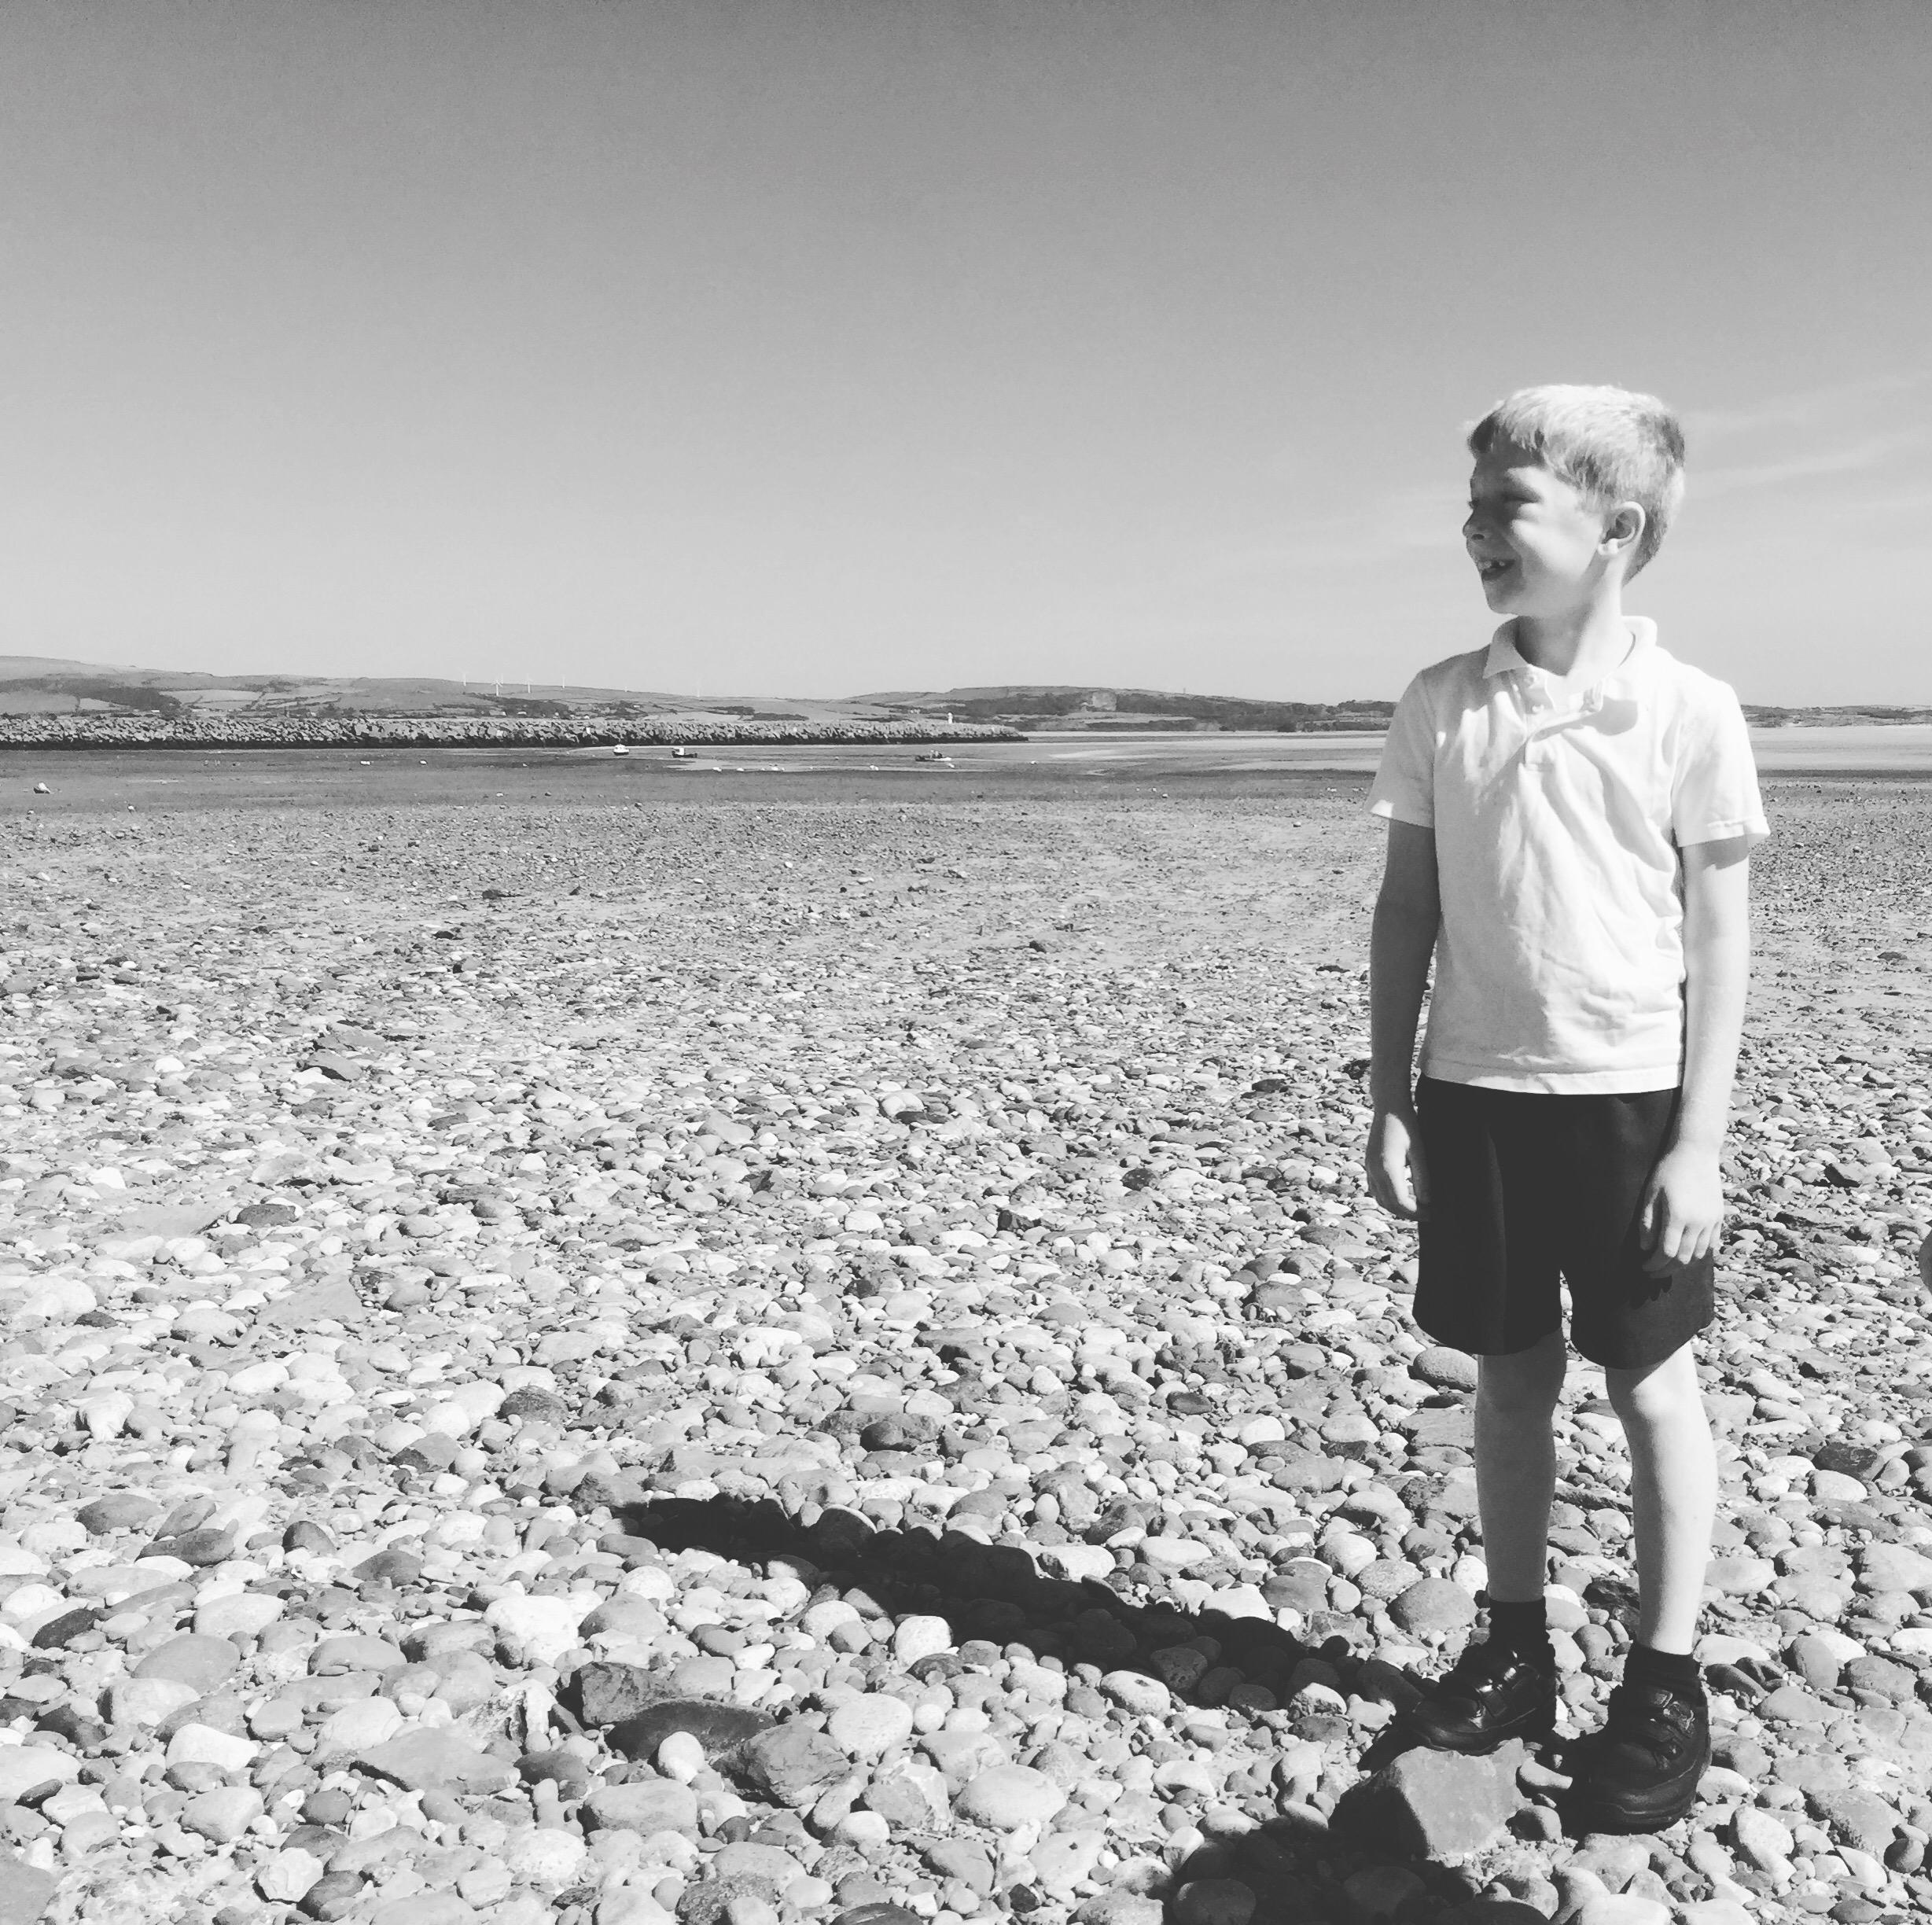 #LivingArrows - Beach Days 29/52 (2017)